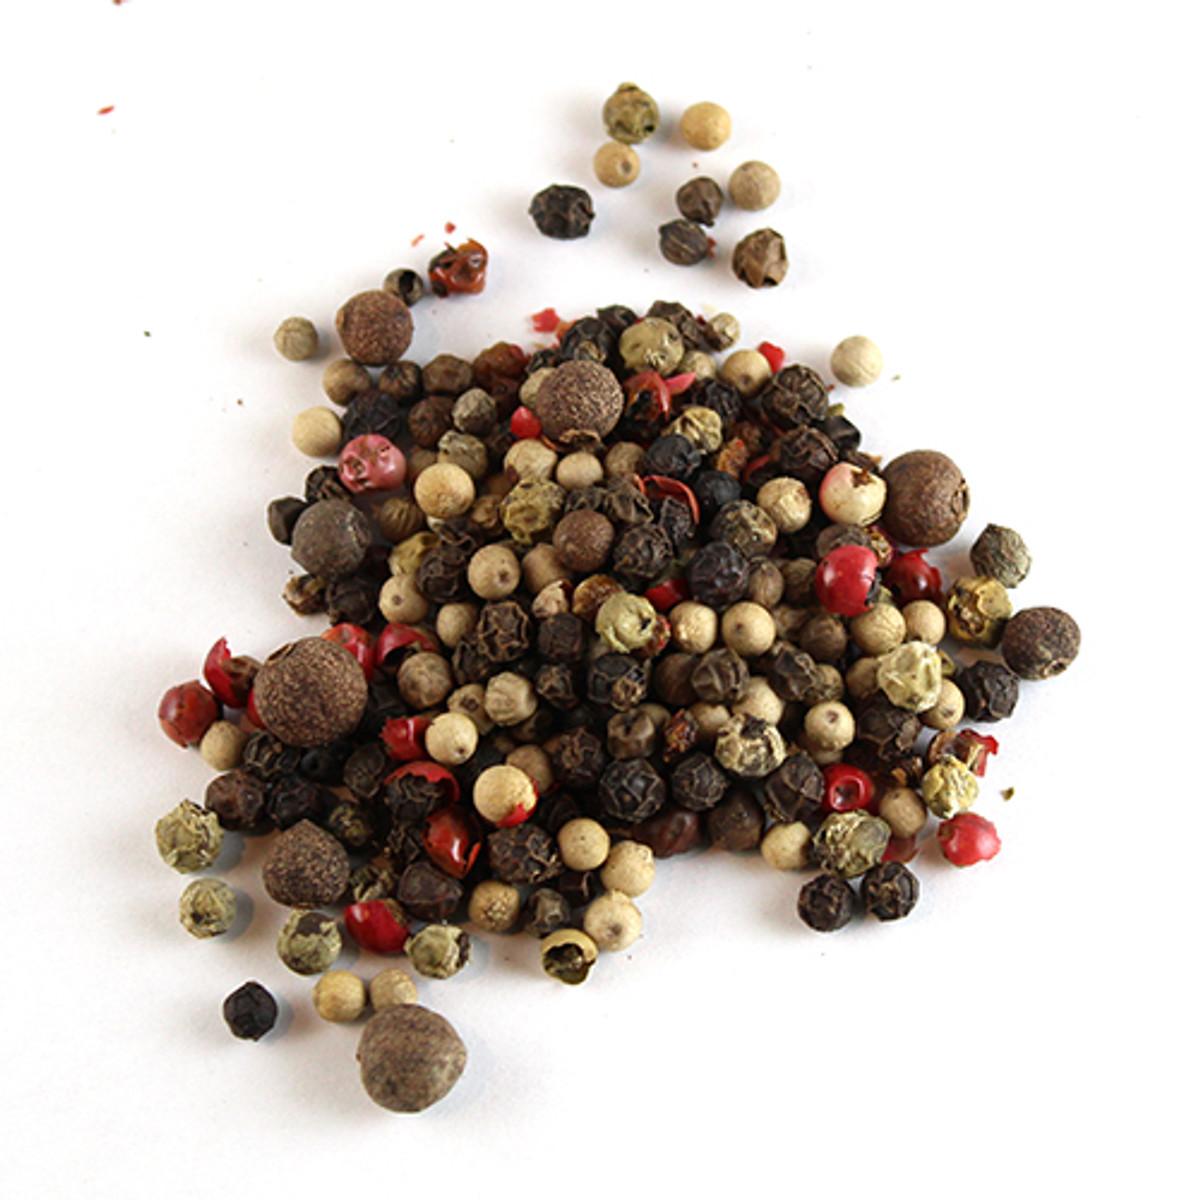 Khannu Five Mix Peppercorns - Whole